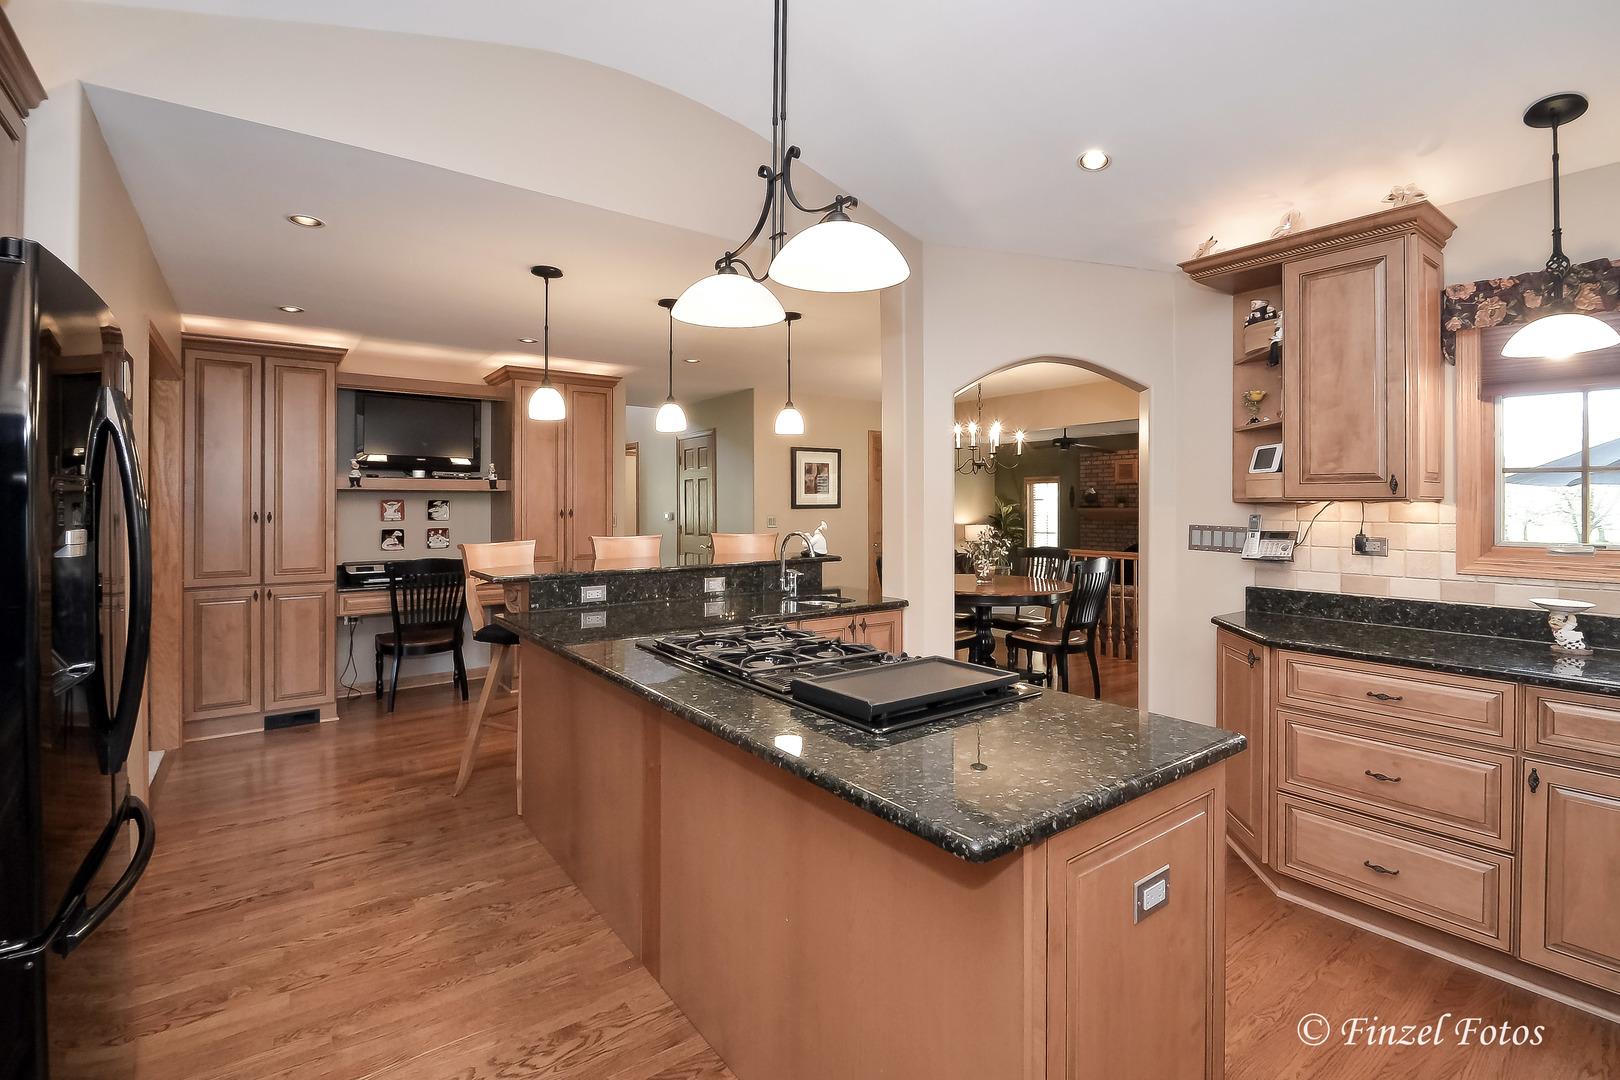 prairie grove latin singles 11106 owl rd, prairie grove, ar is a 2340 sq ft 2 bath home sold in prairie grove, arkansas.